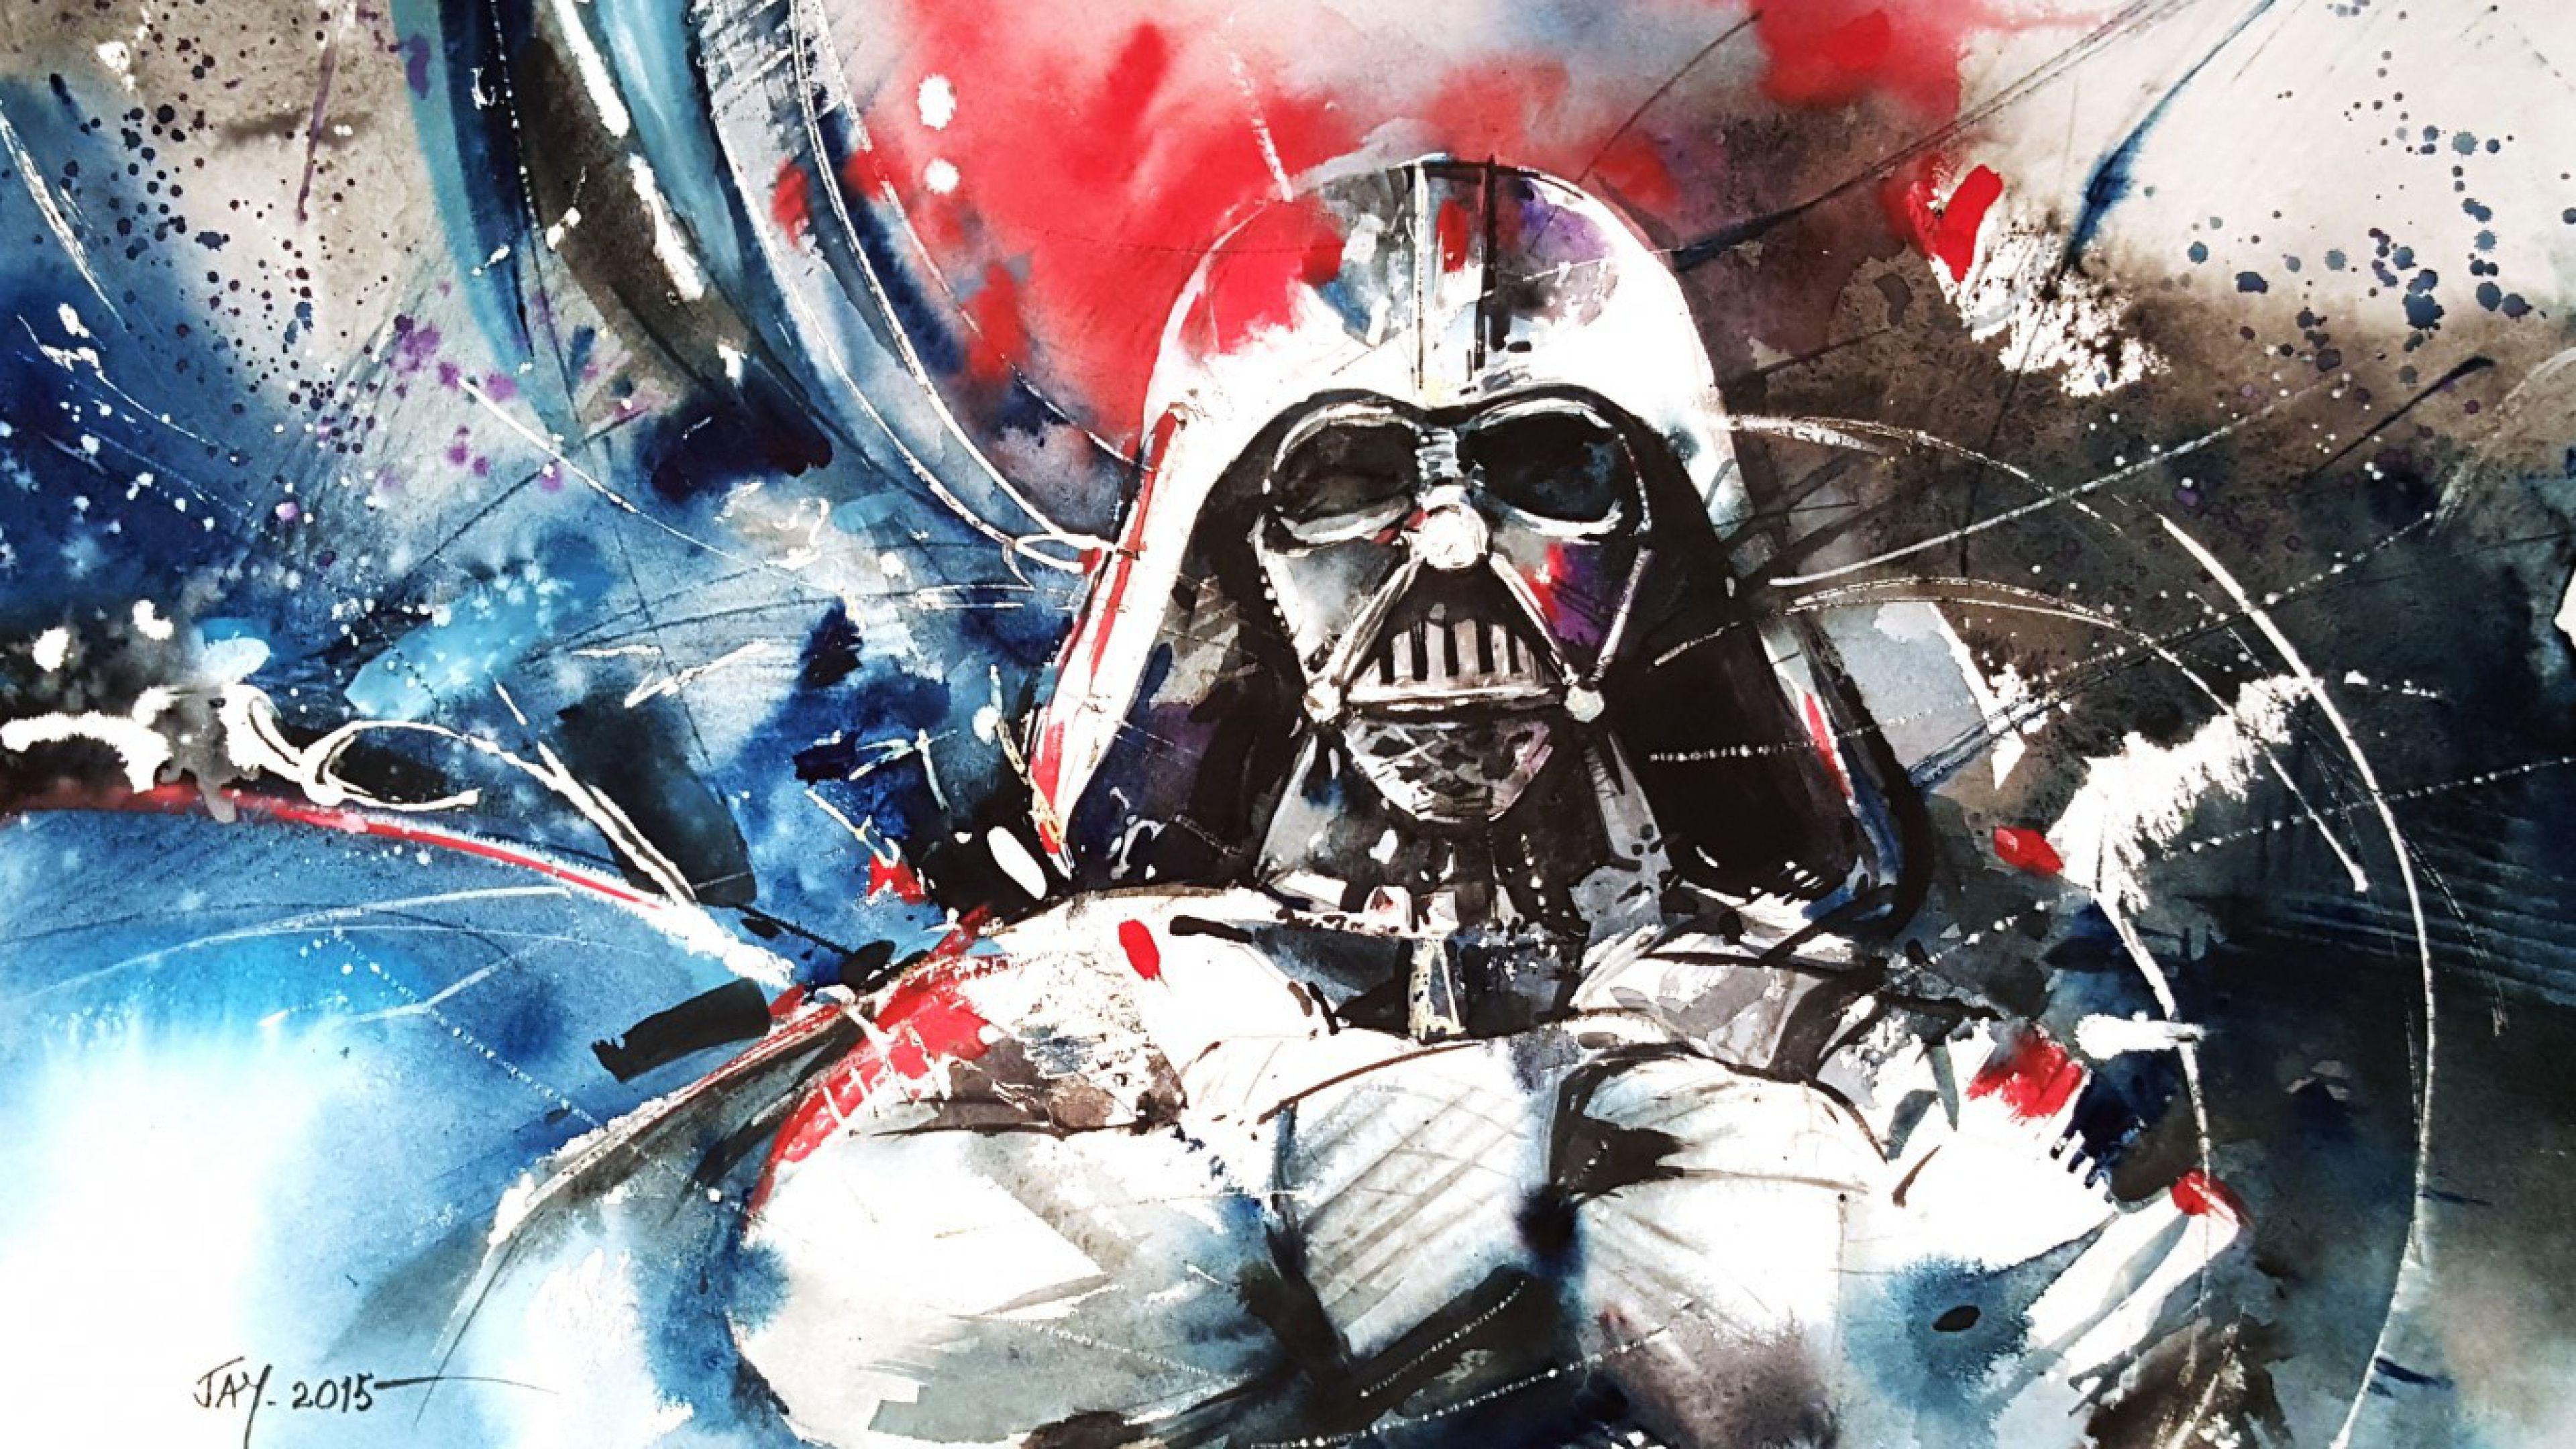 darth_vader_star_wars_abstraction_art_105590_3840x2160.jpg